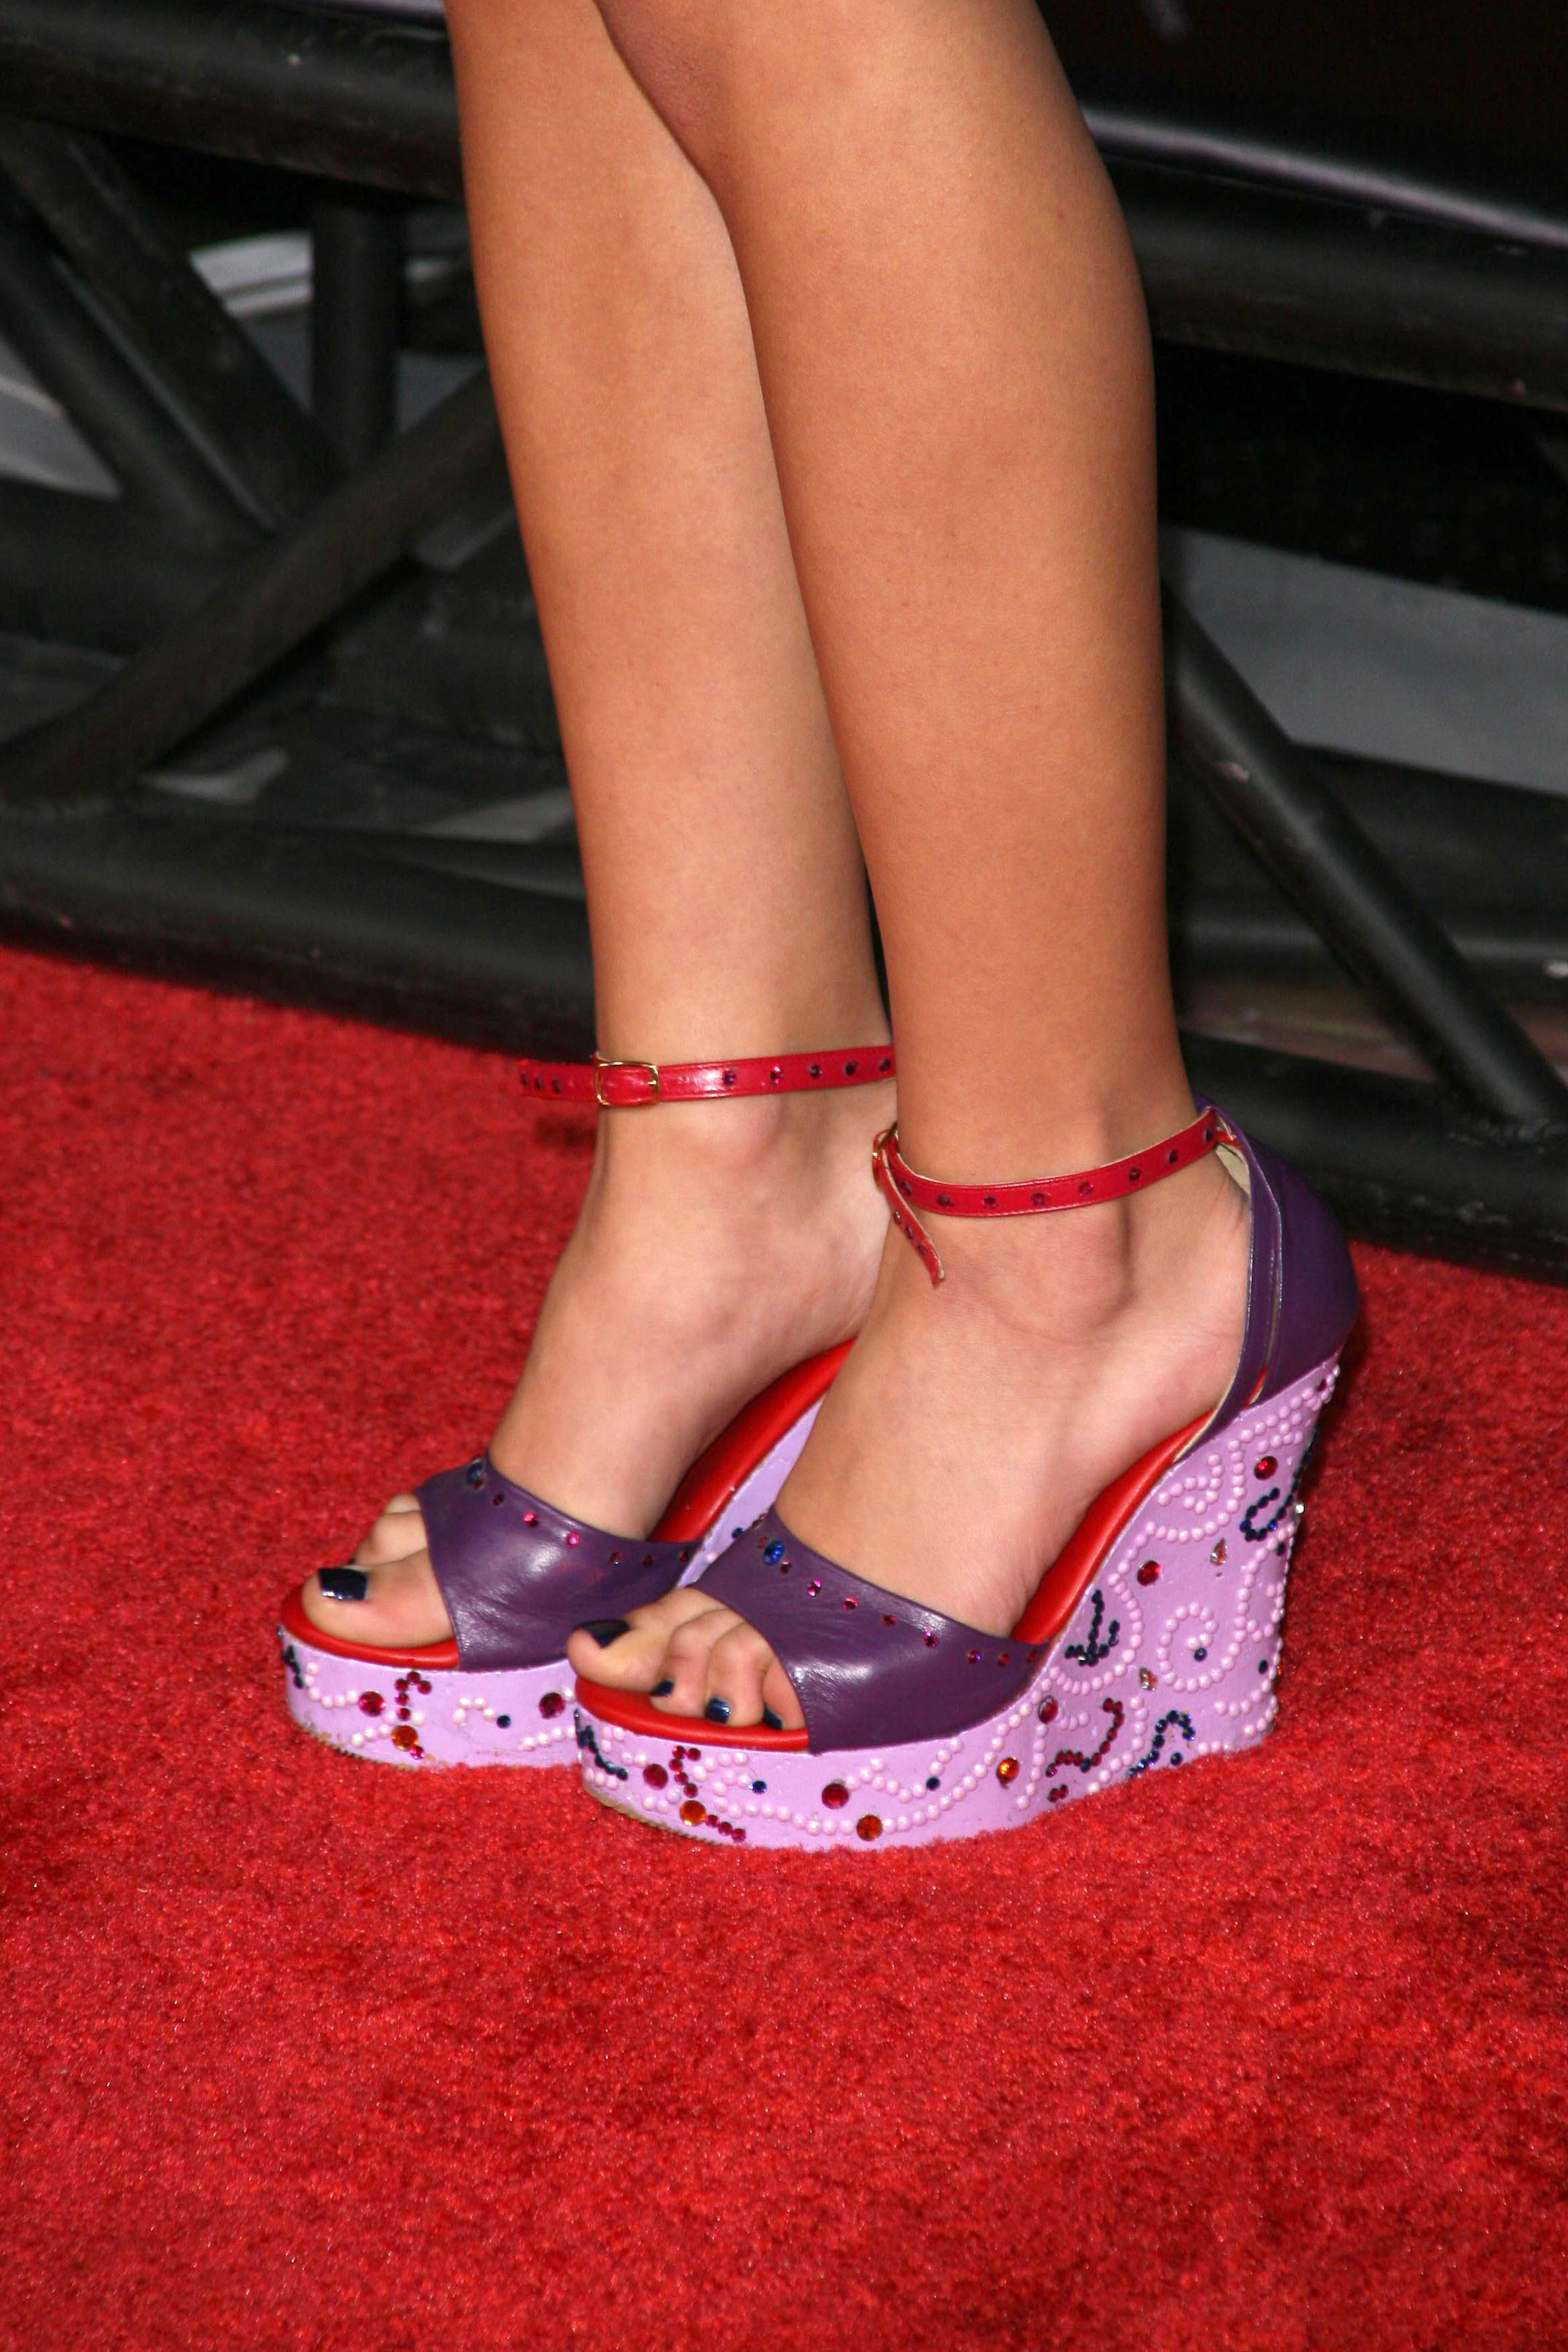 seychelle gabriel feet